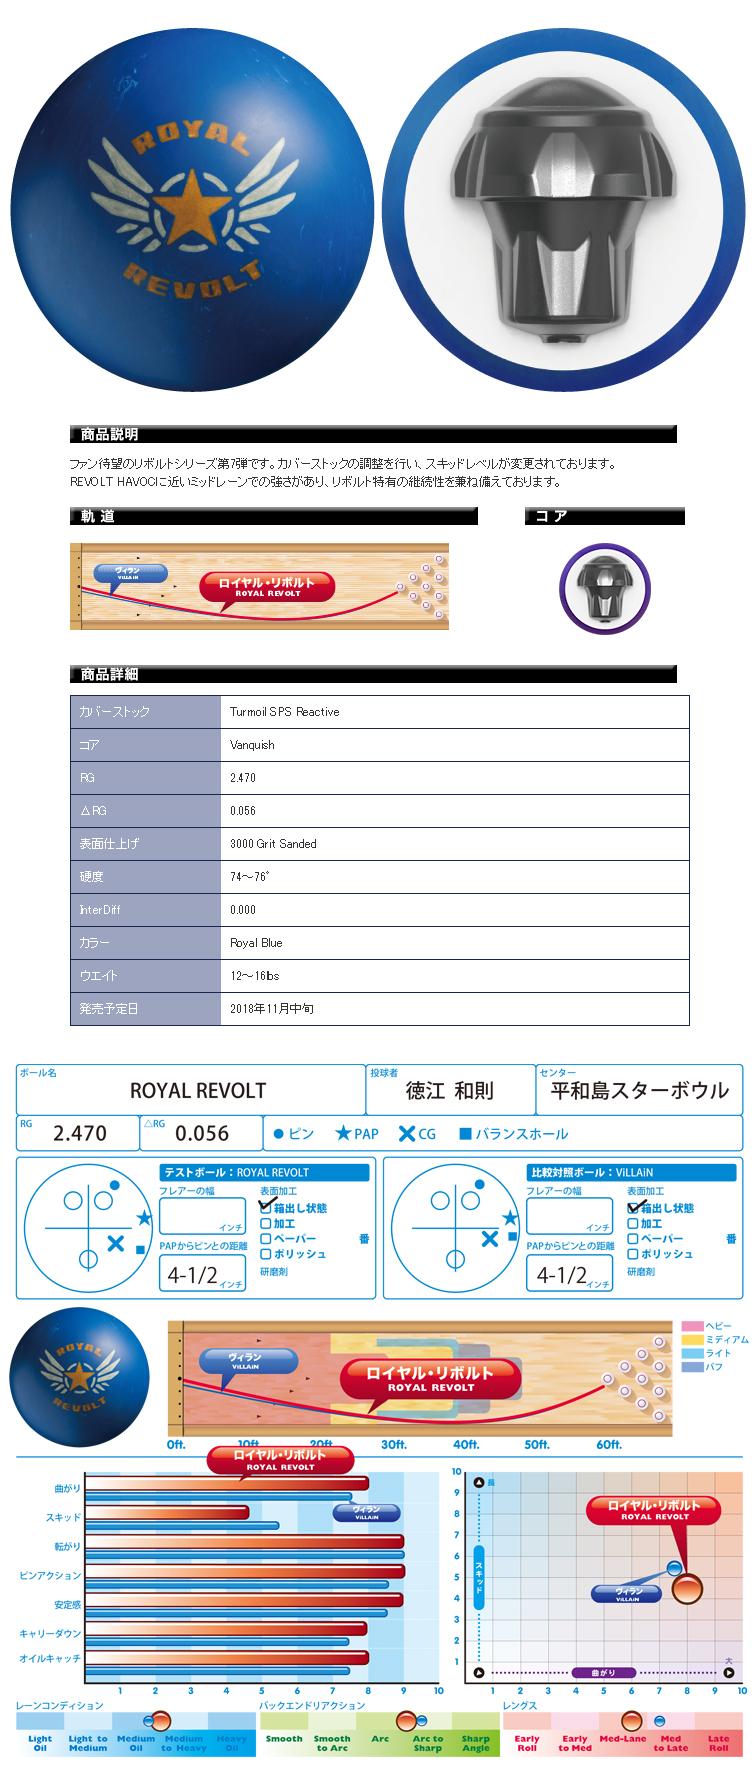 ボウリング用品 ボウリングボール モーティブ MOTIV ロイヤルリボルト ROYAL REVOLT